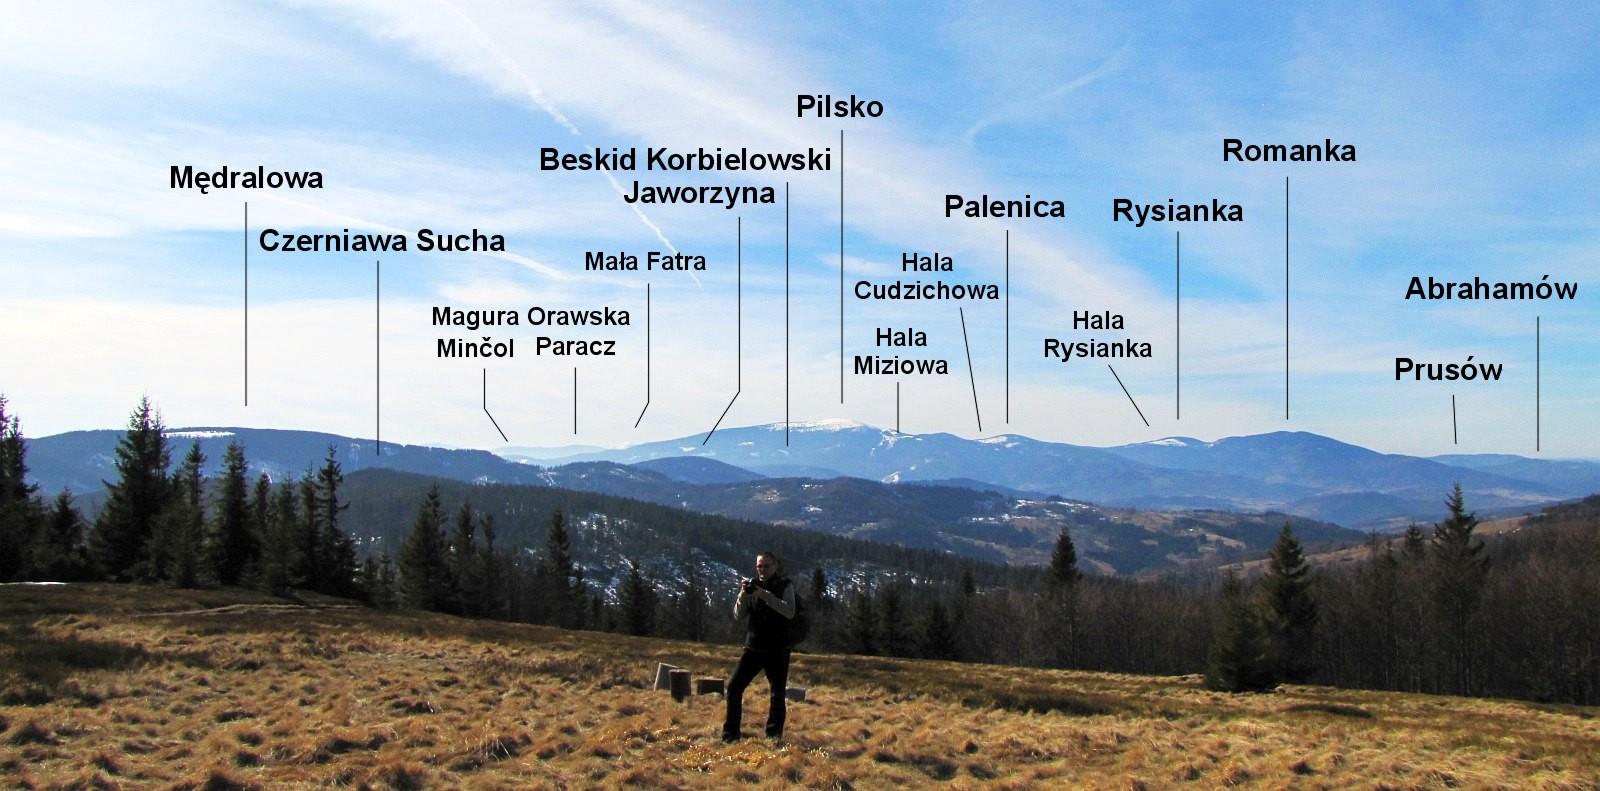 Panorama w stronę zachodniej części Beskidu Żywieckiego.